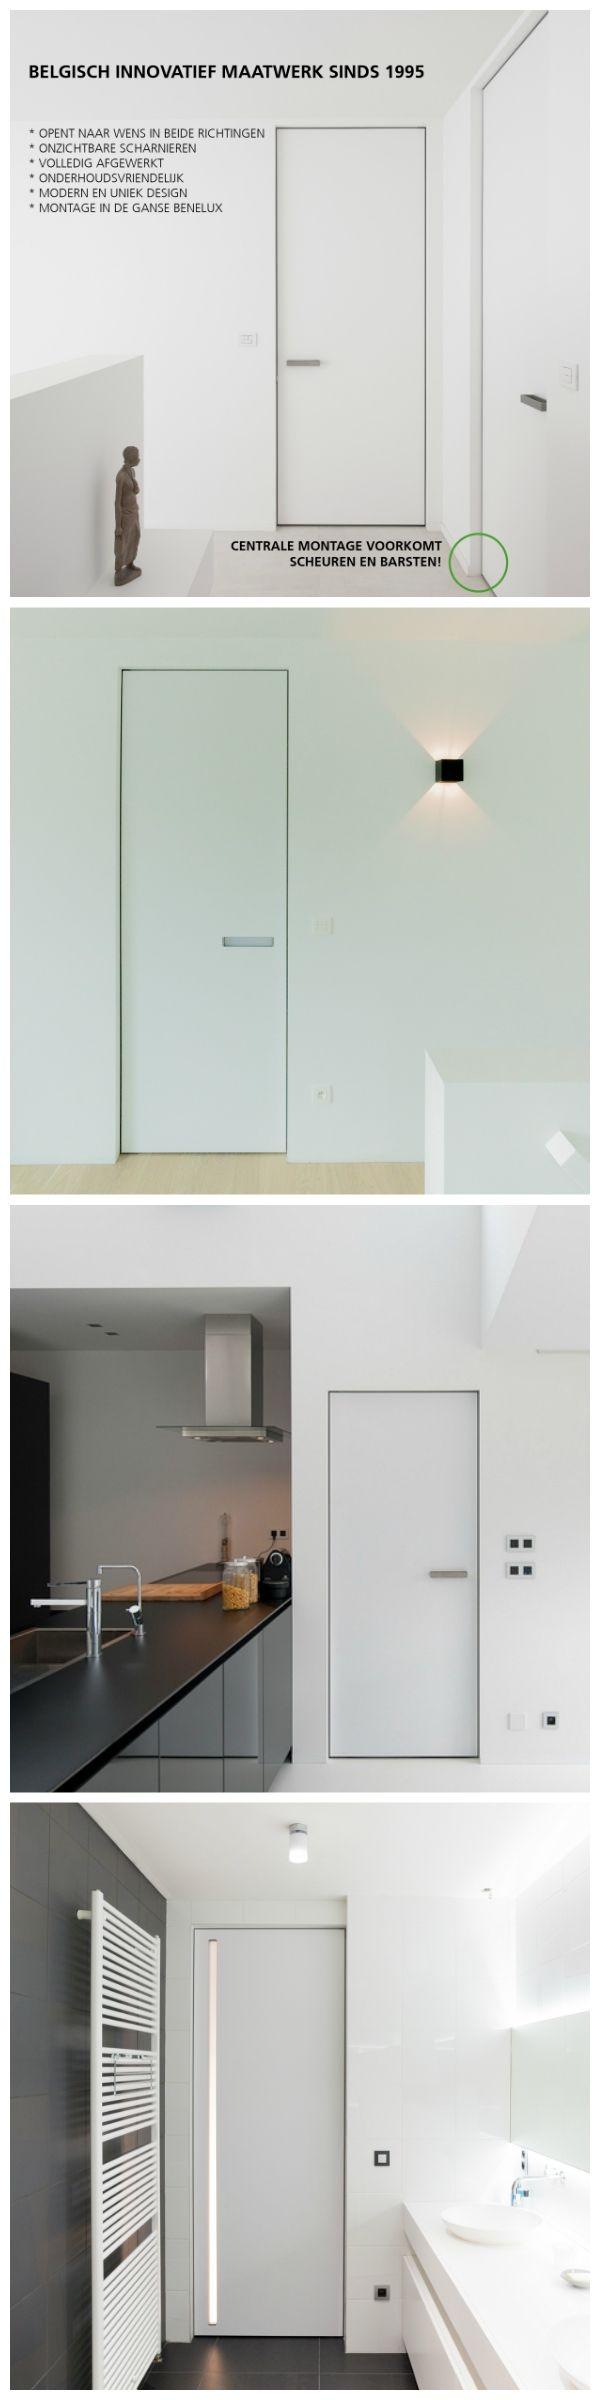 Moderne deuren zonder omlijsting. Het Belgische merk Anyway Doors legt zich al sinds 1995 toe op de ontwikkeling van binnendeuren met onzichtbare omlijstingen. Het systeem wordt centraal in de wand ingebouwd zodat er geen scheuren of barsten kunnen optreden. Kijk voor meer informatie op de website.